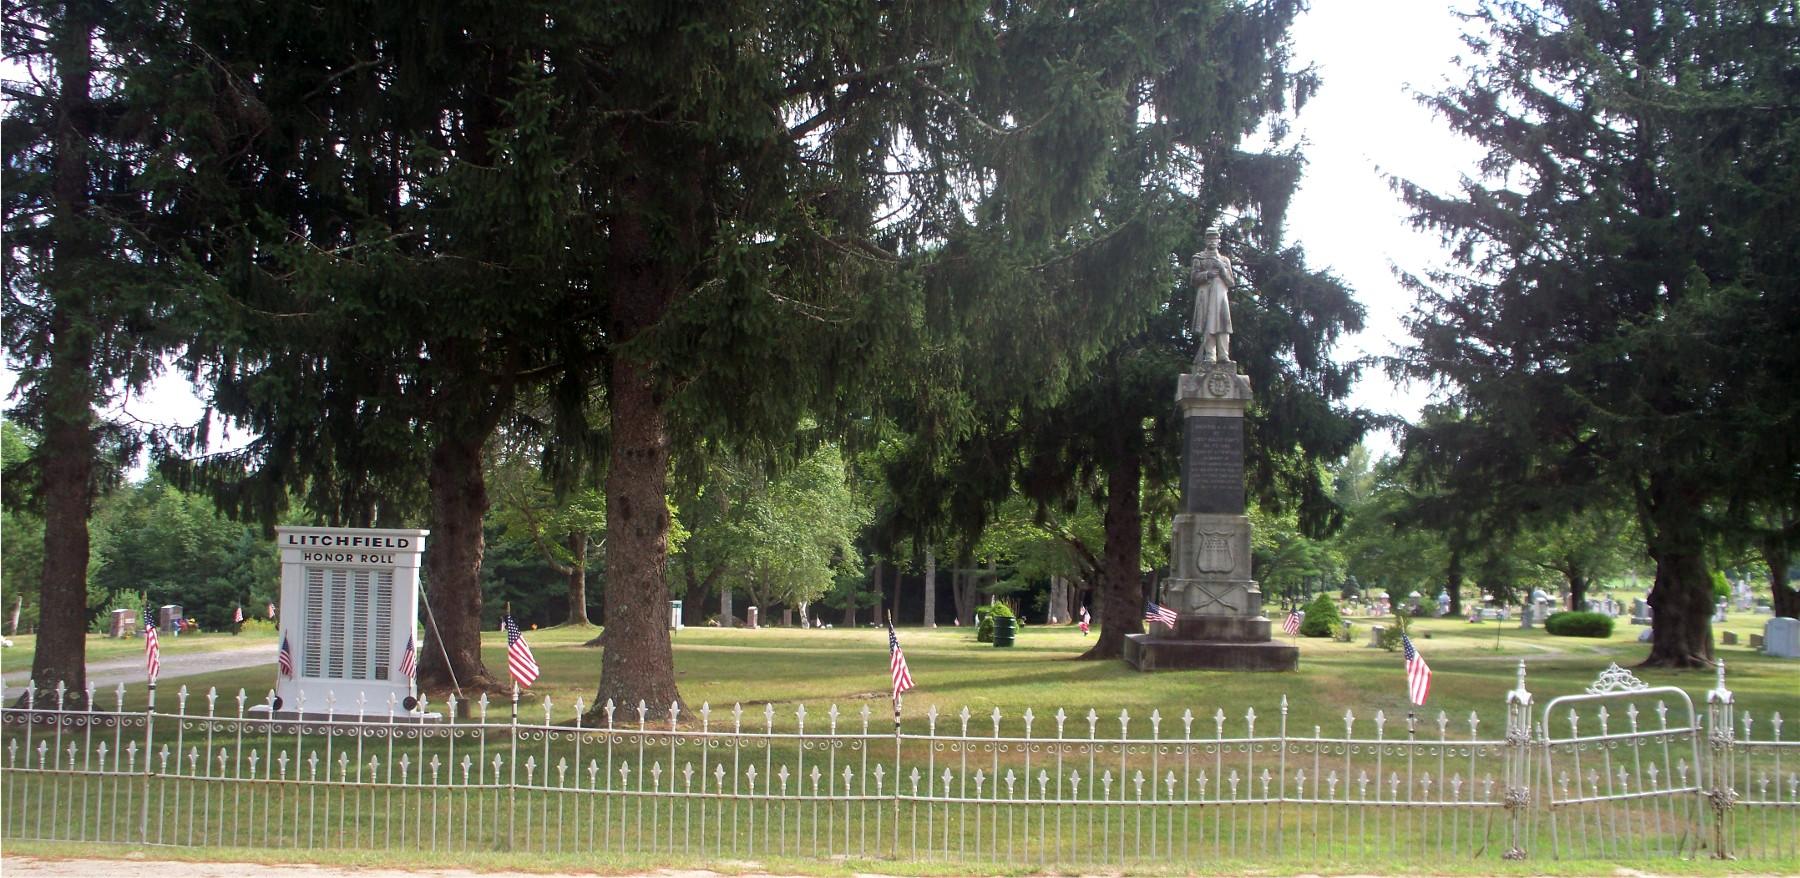 Litchfield Plains Cemetery